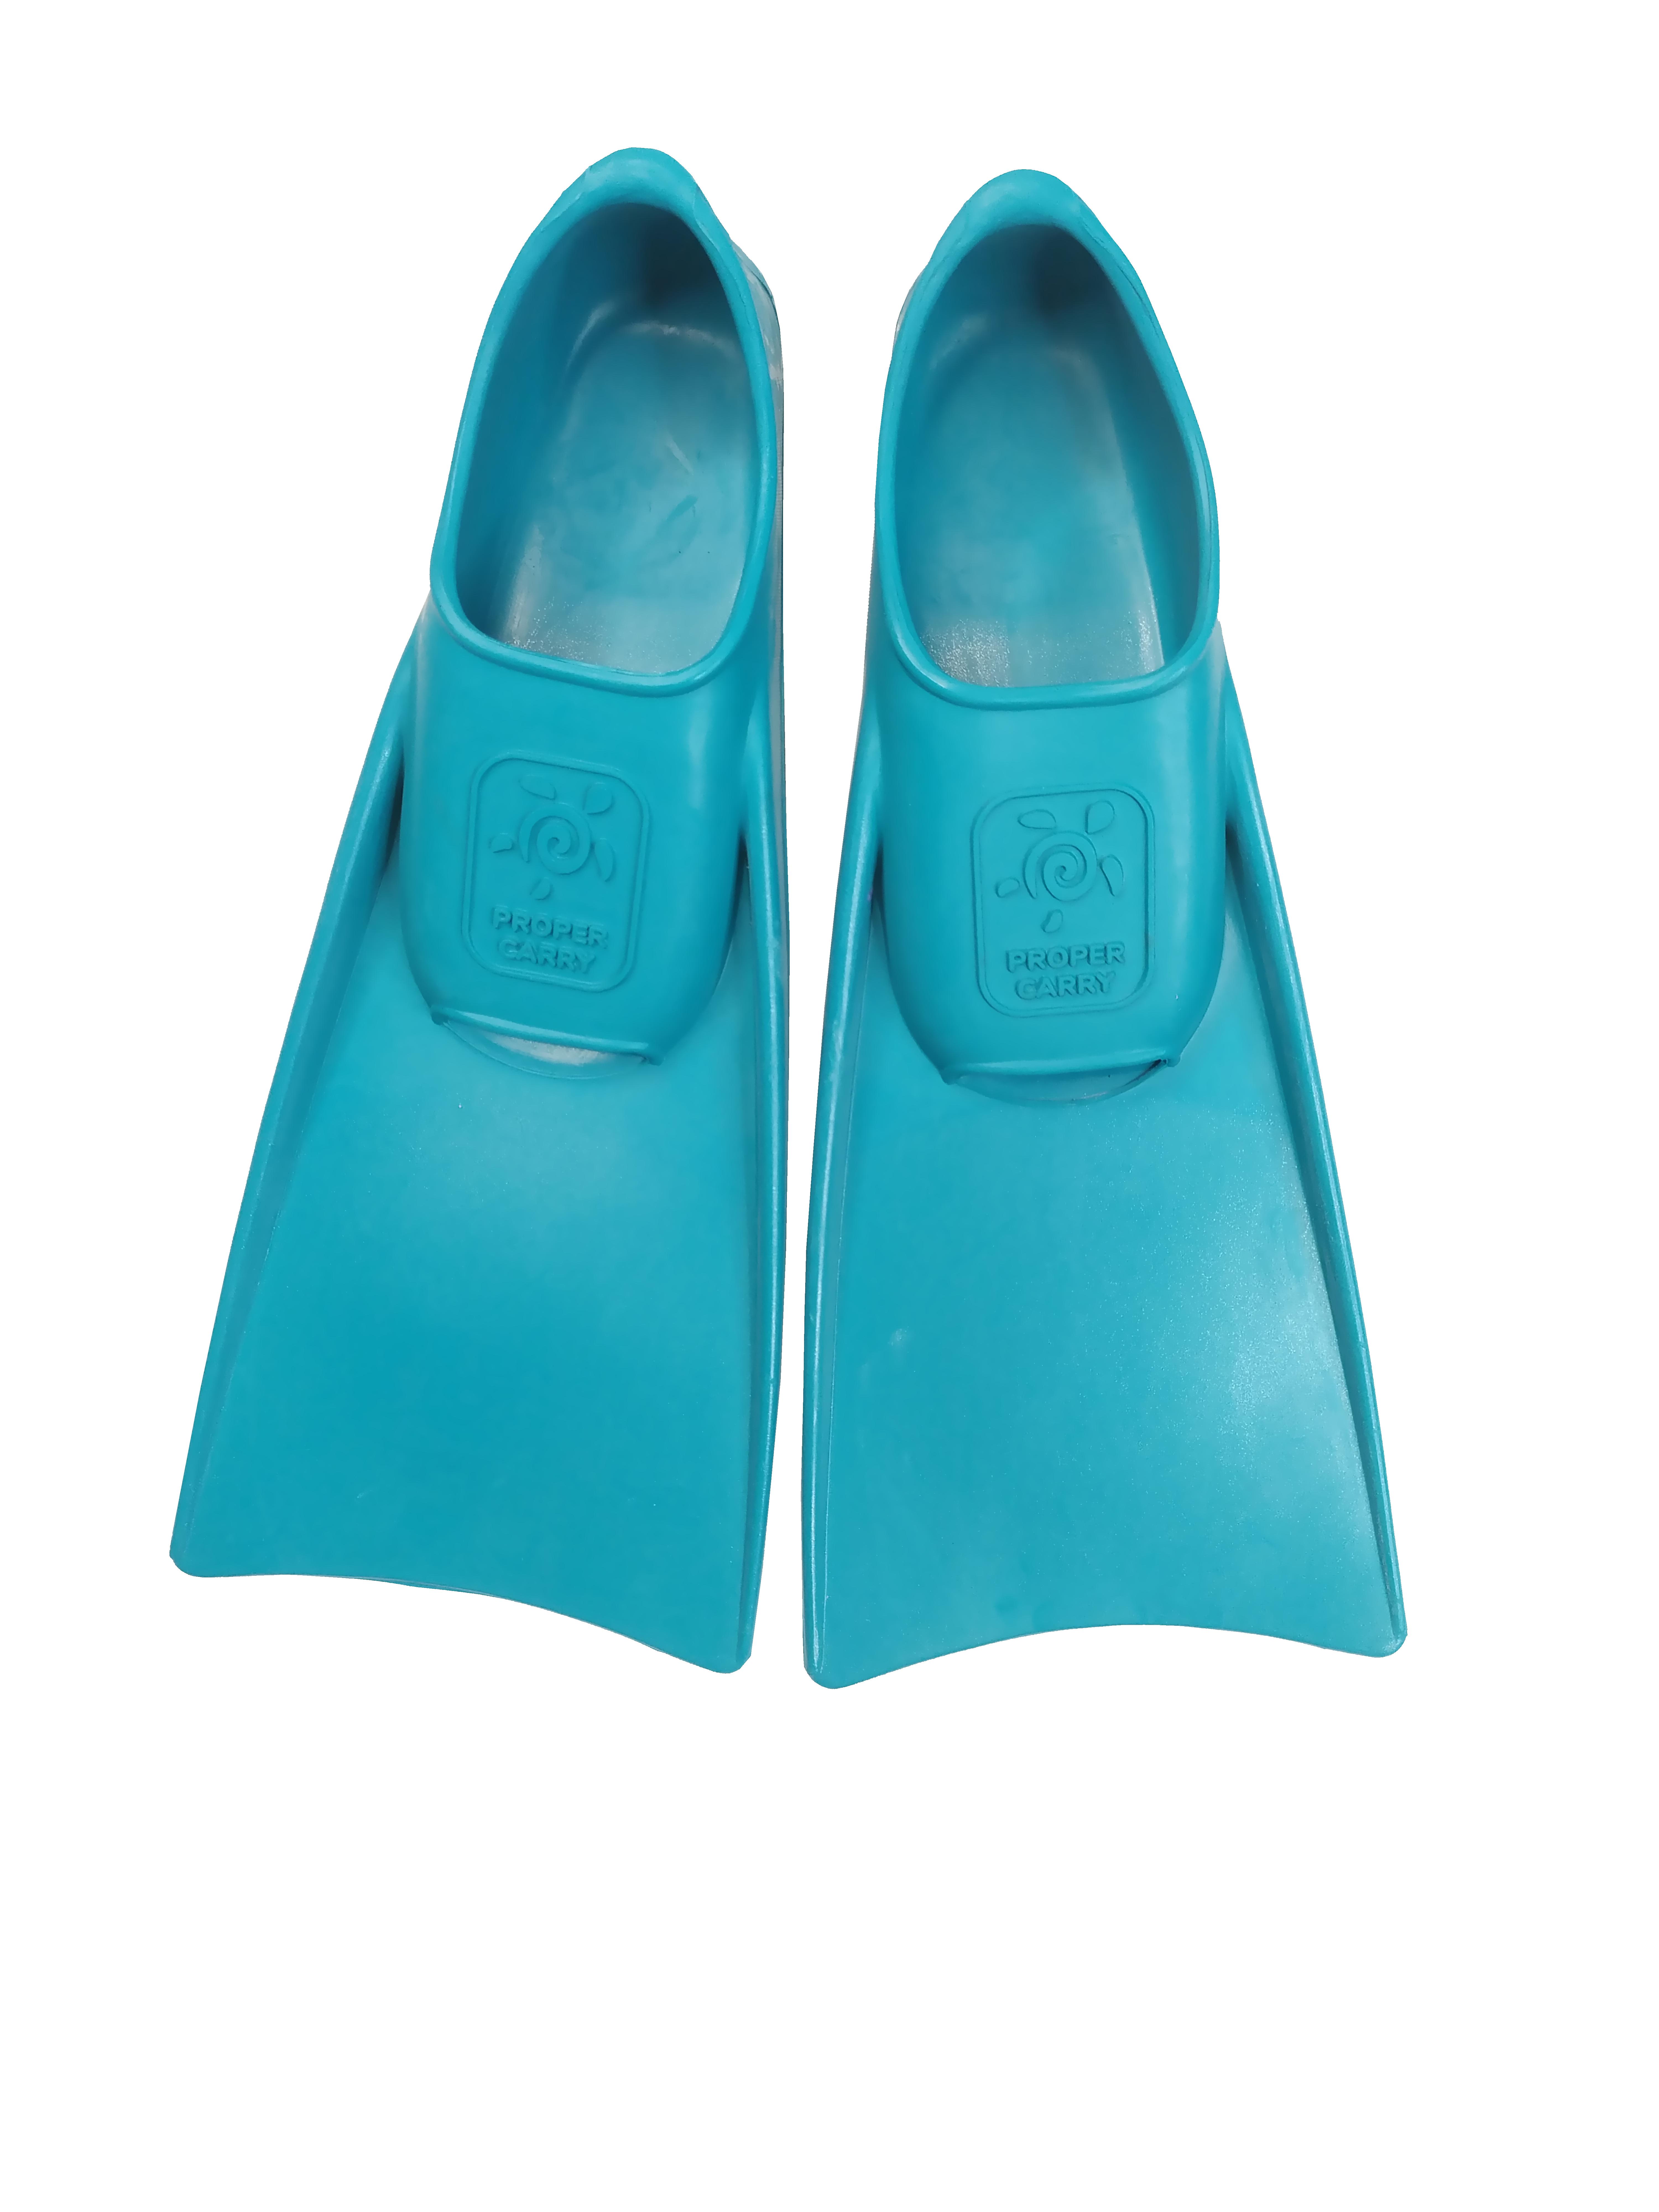 Детские ласты для плавания Proper-Carry тренировочные р. 29-30, 31-32, 33-34, 35-36, 37-38, 39-40, - фото 2